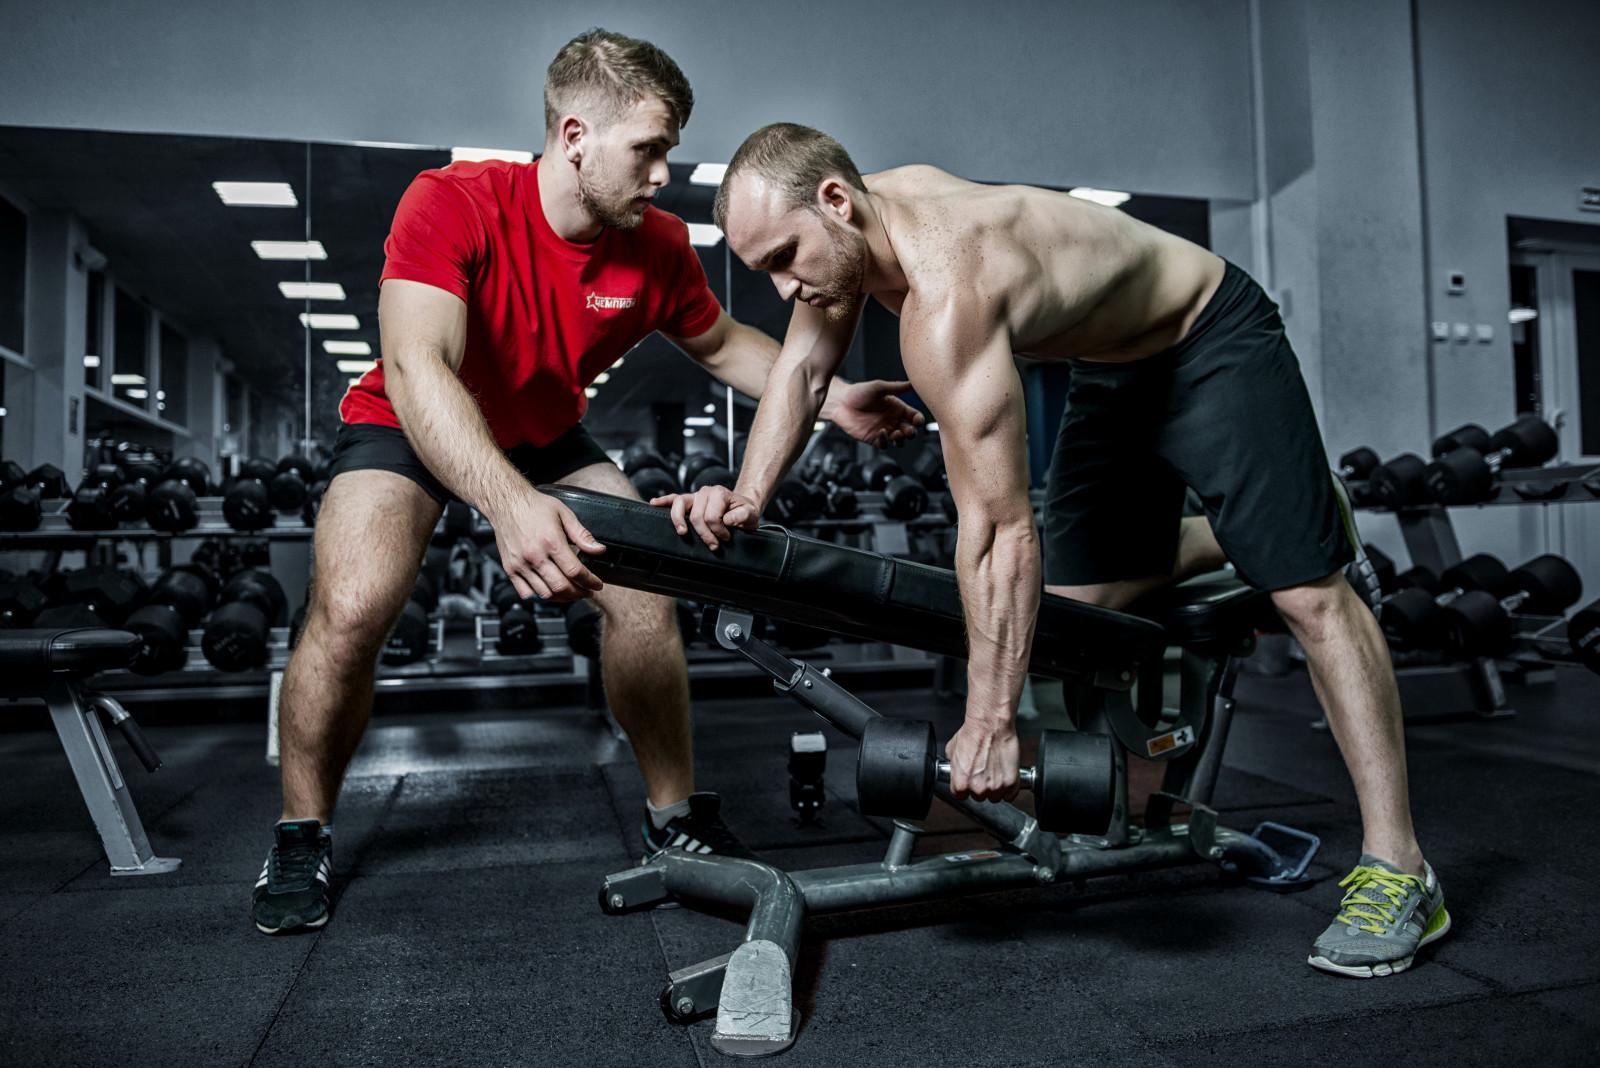 Как стать фитнес тренером с нуля, что нужно знать, где учиться